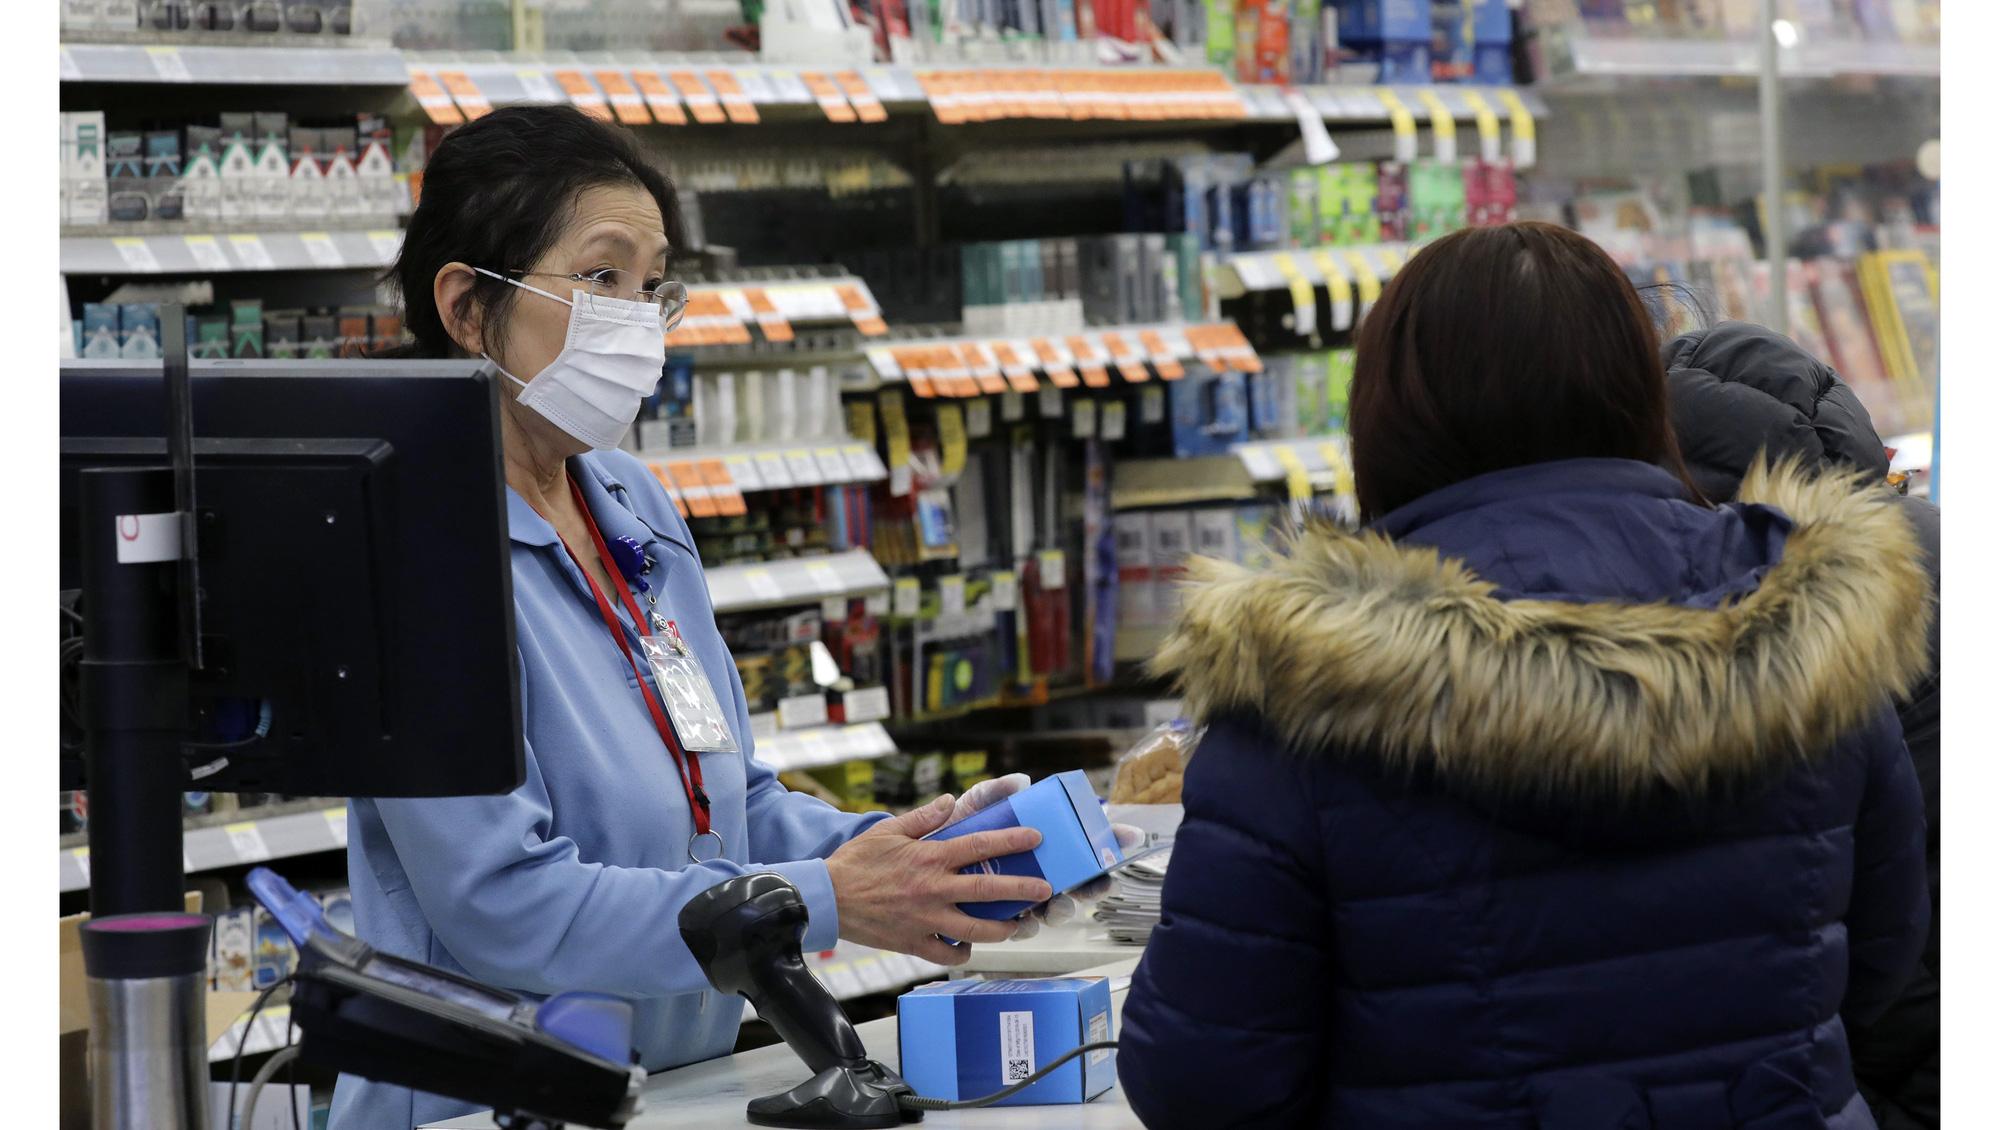 10 lưu ý thực tiễn giúp tránh lây nhiễm Covid-19 khi bạn đi mua sắm trong thời dịch - Ảnh 6.